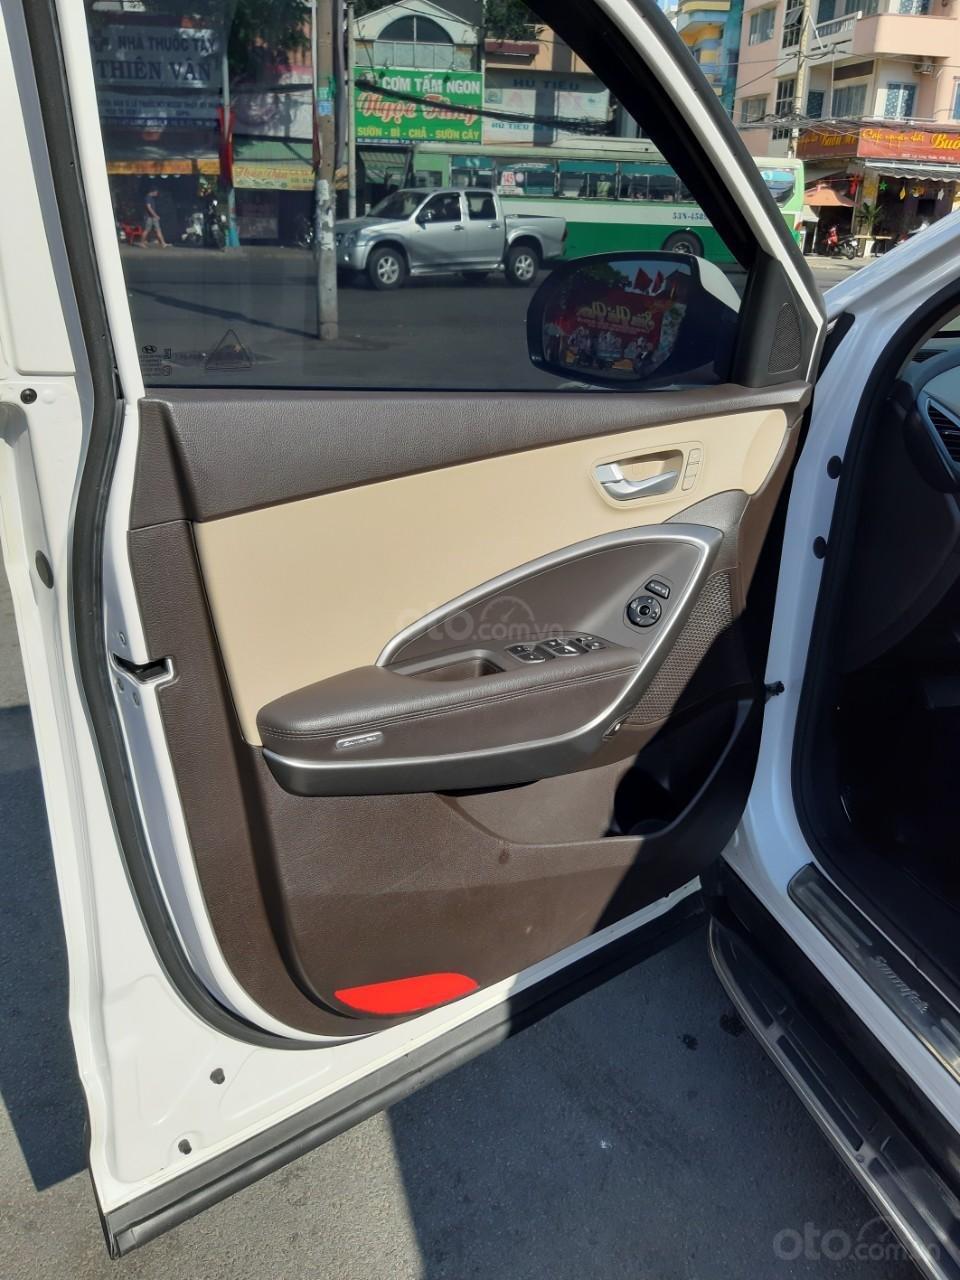 Hyundai Santa Fe CRDi model 2017, màu trắng, nhập khẩu còn mới toanh, full option loại cao cấp nhất, 1 tỷ 50tr-17